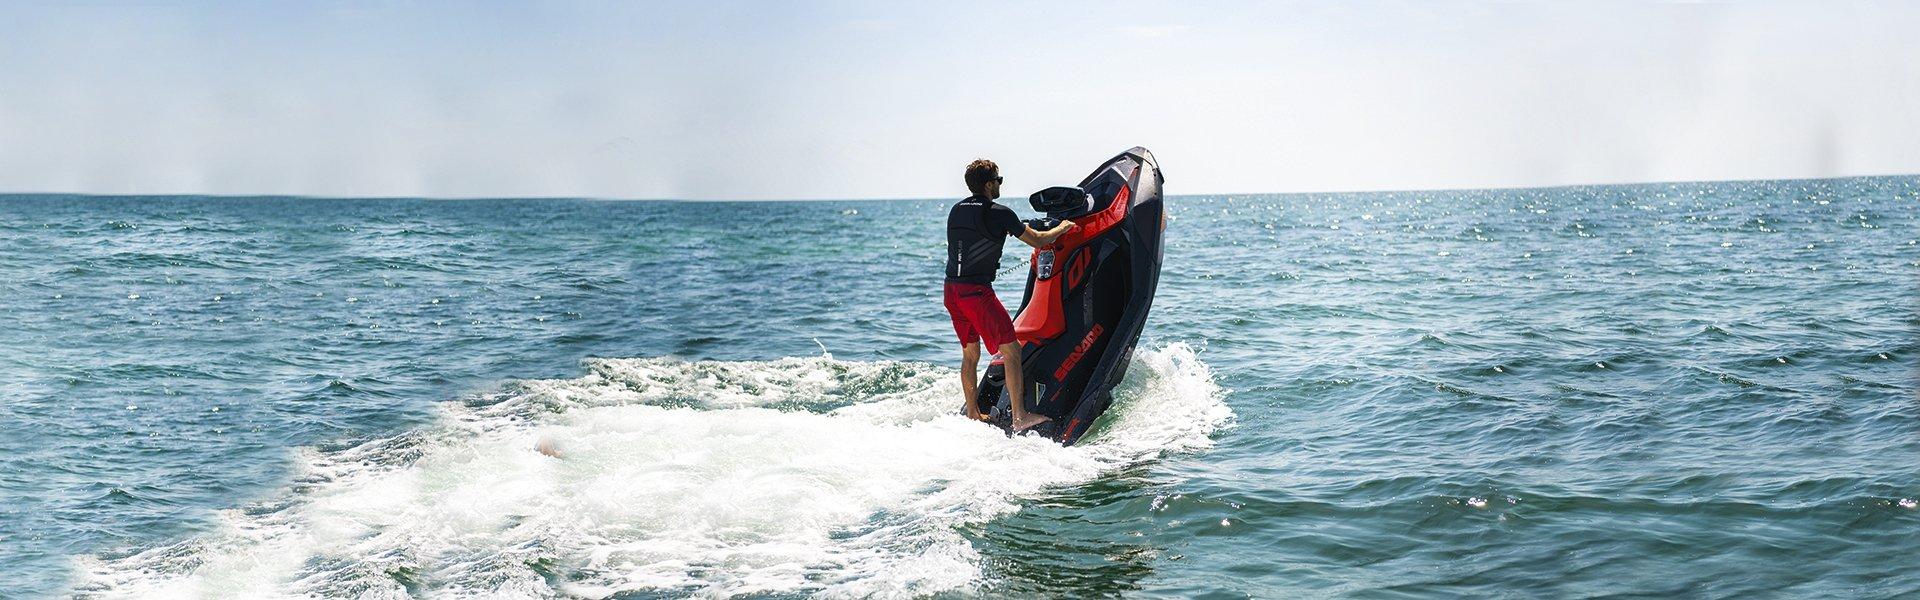 Жизнь в стиле Sea-Doo!